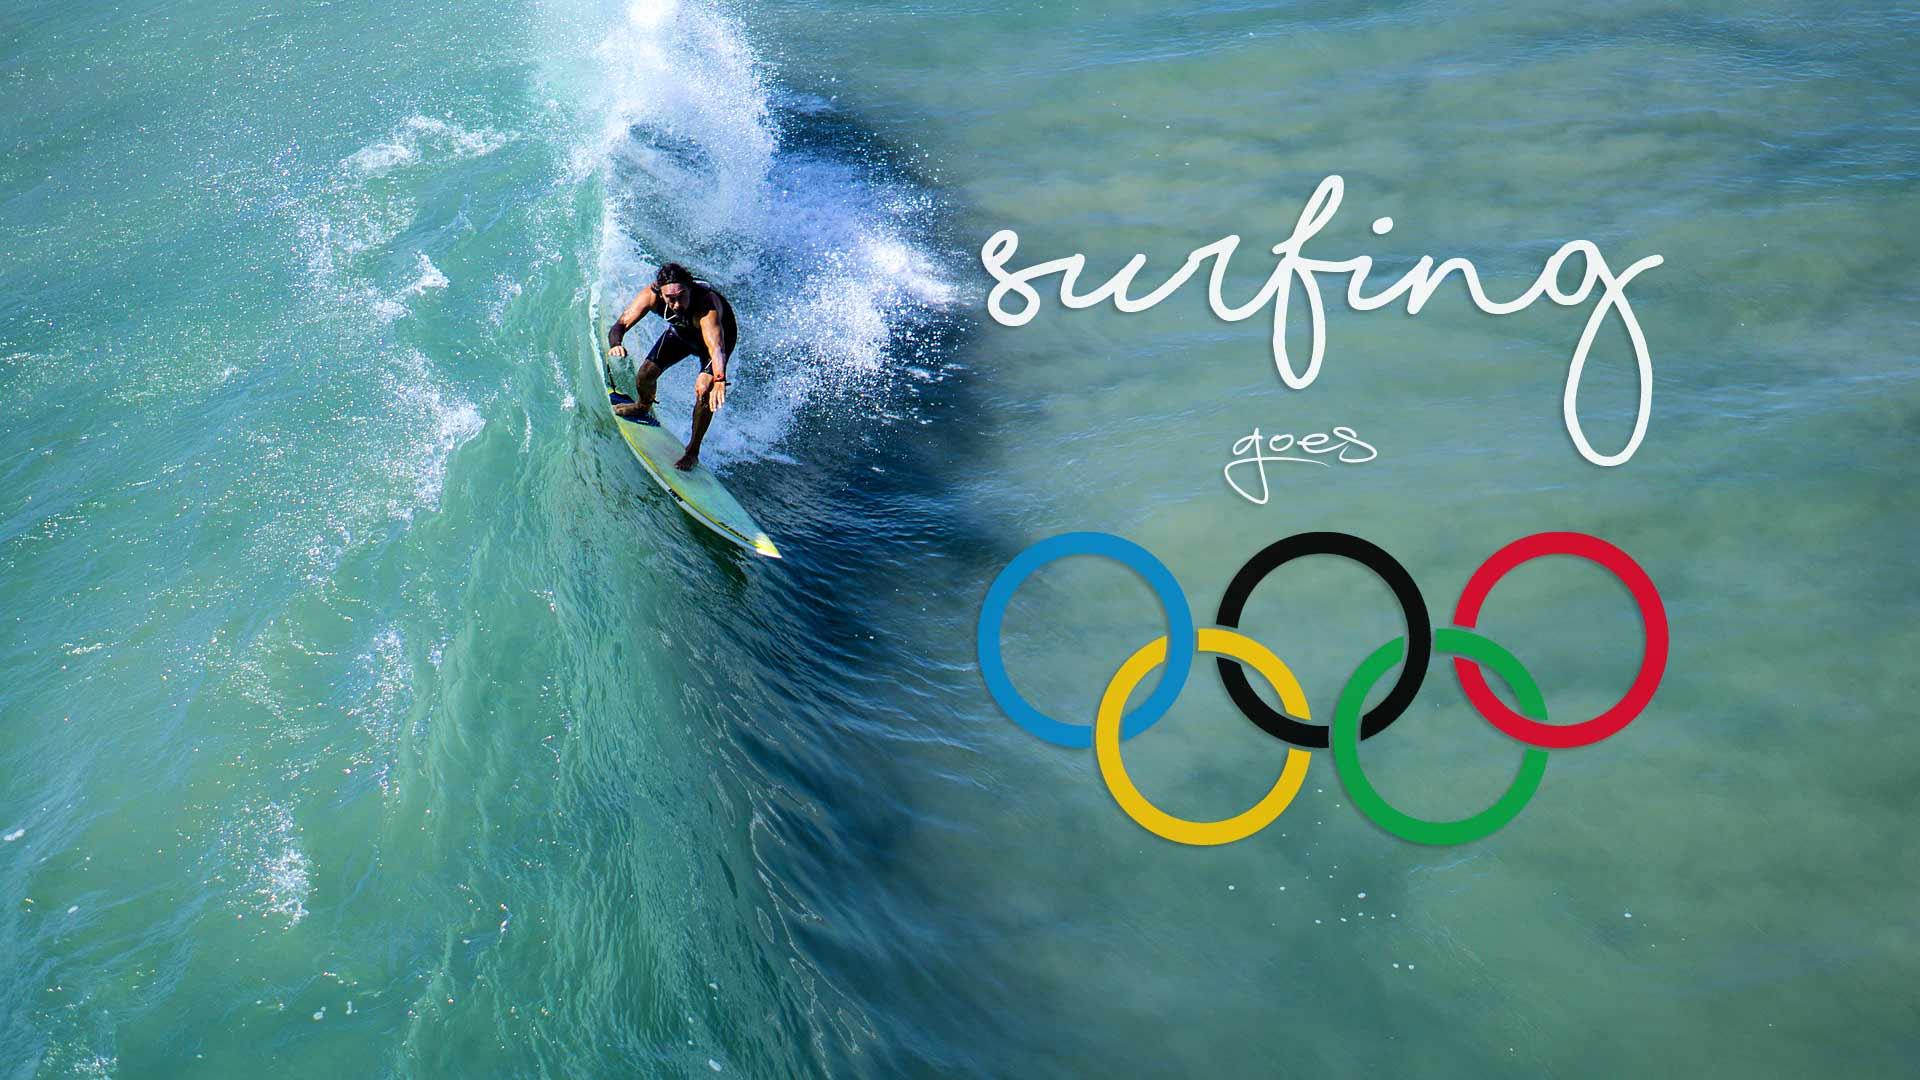 surfen wird Olympisch bei den olympischen Spielen 2020 in Tokio